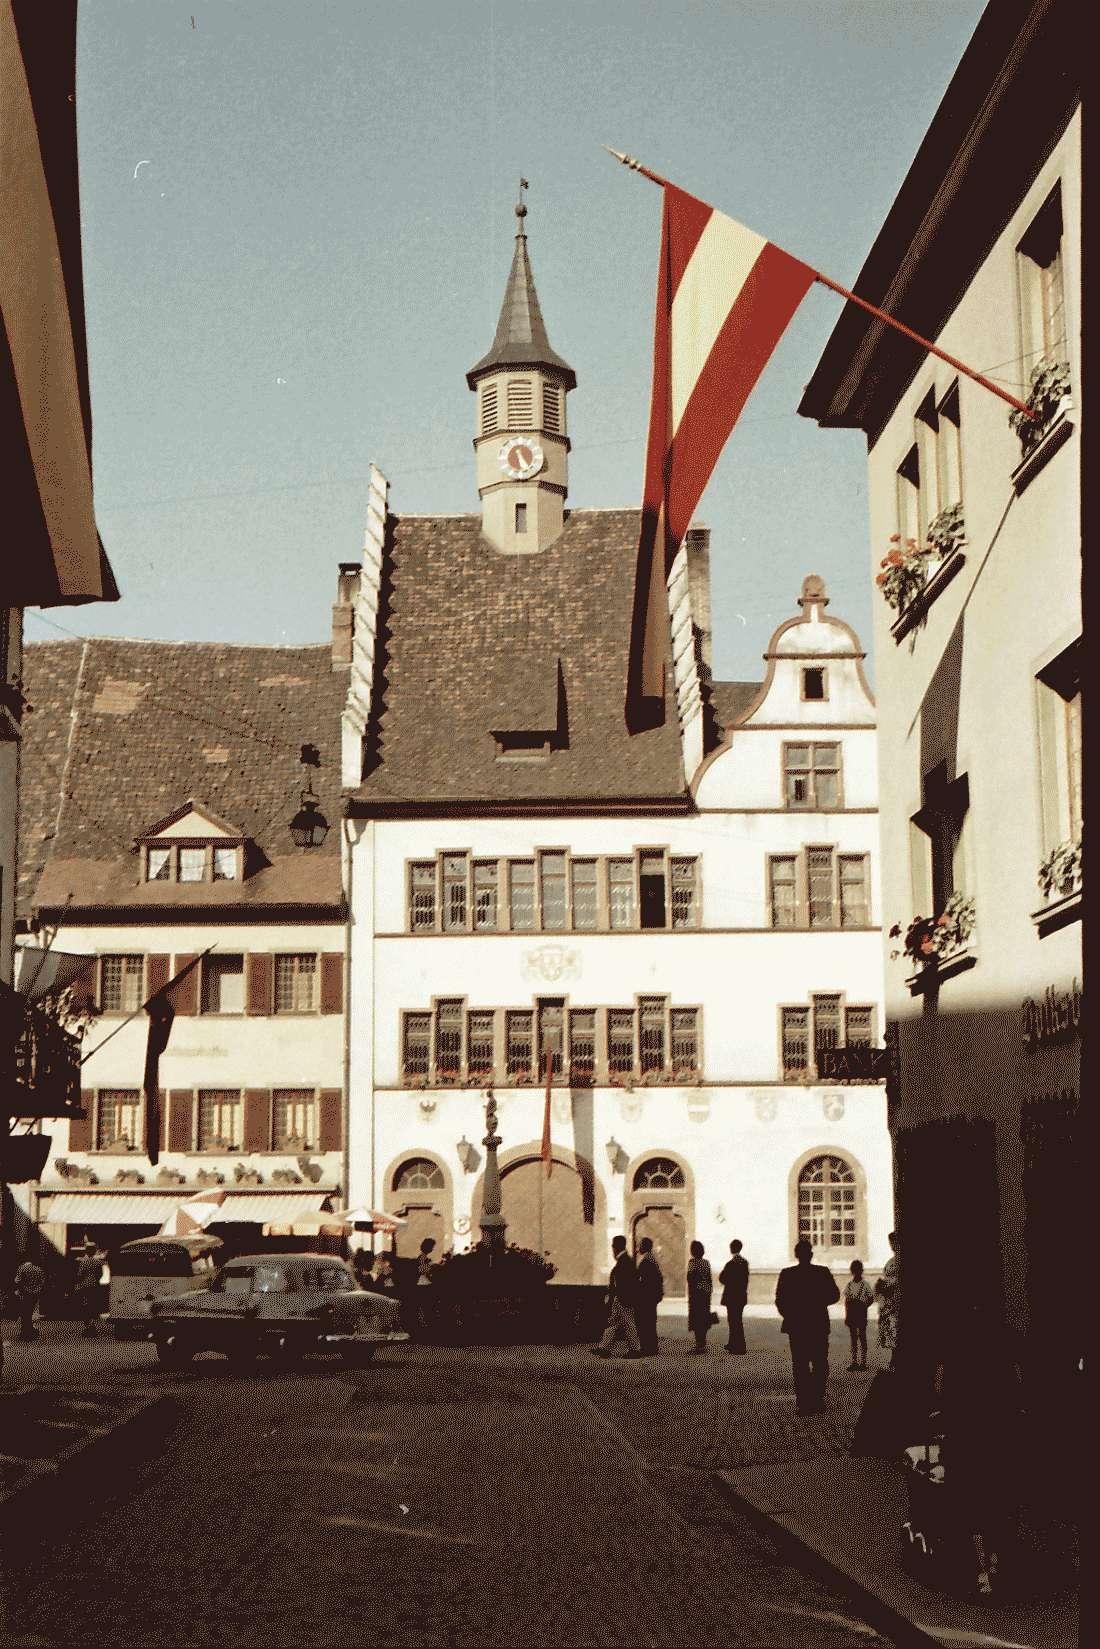 Staufen: Rathaus am Marktplatz, Bild 2